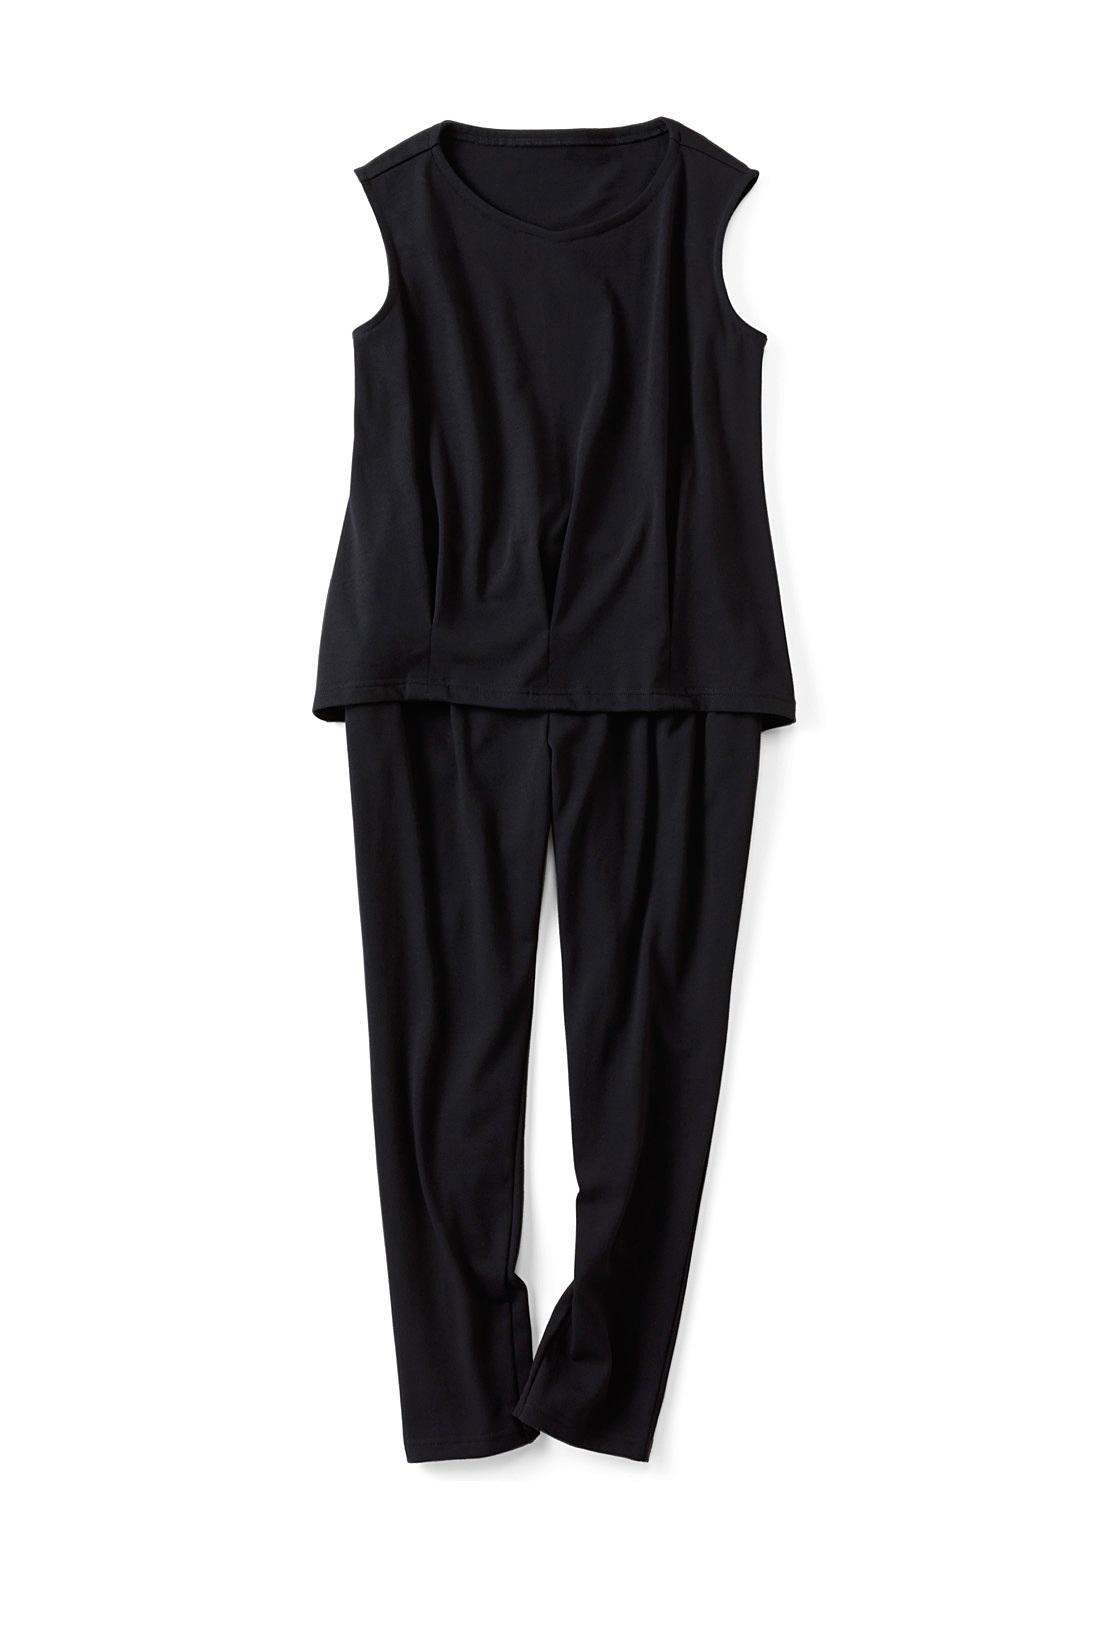 〈ブラック〉ノースリーブの幅を広めにし、一枚での着やすさも◎。